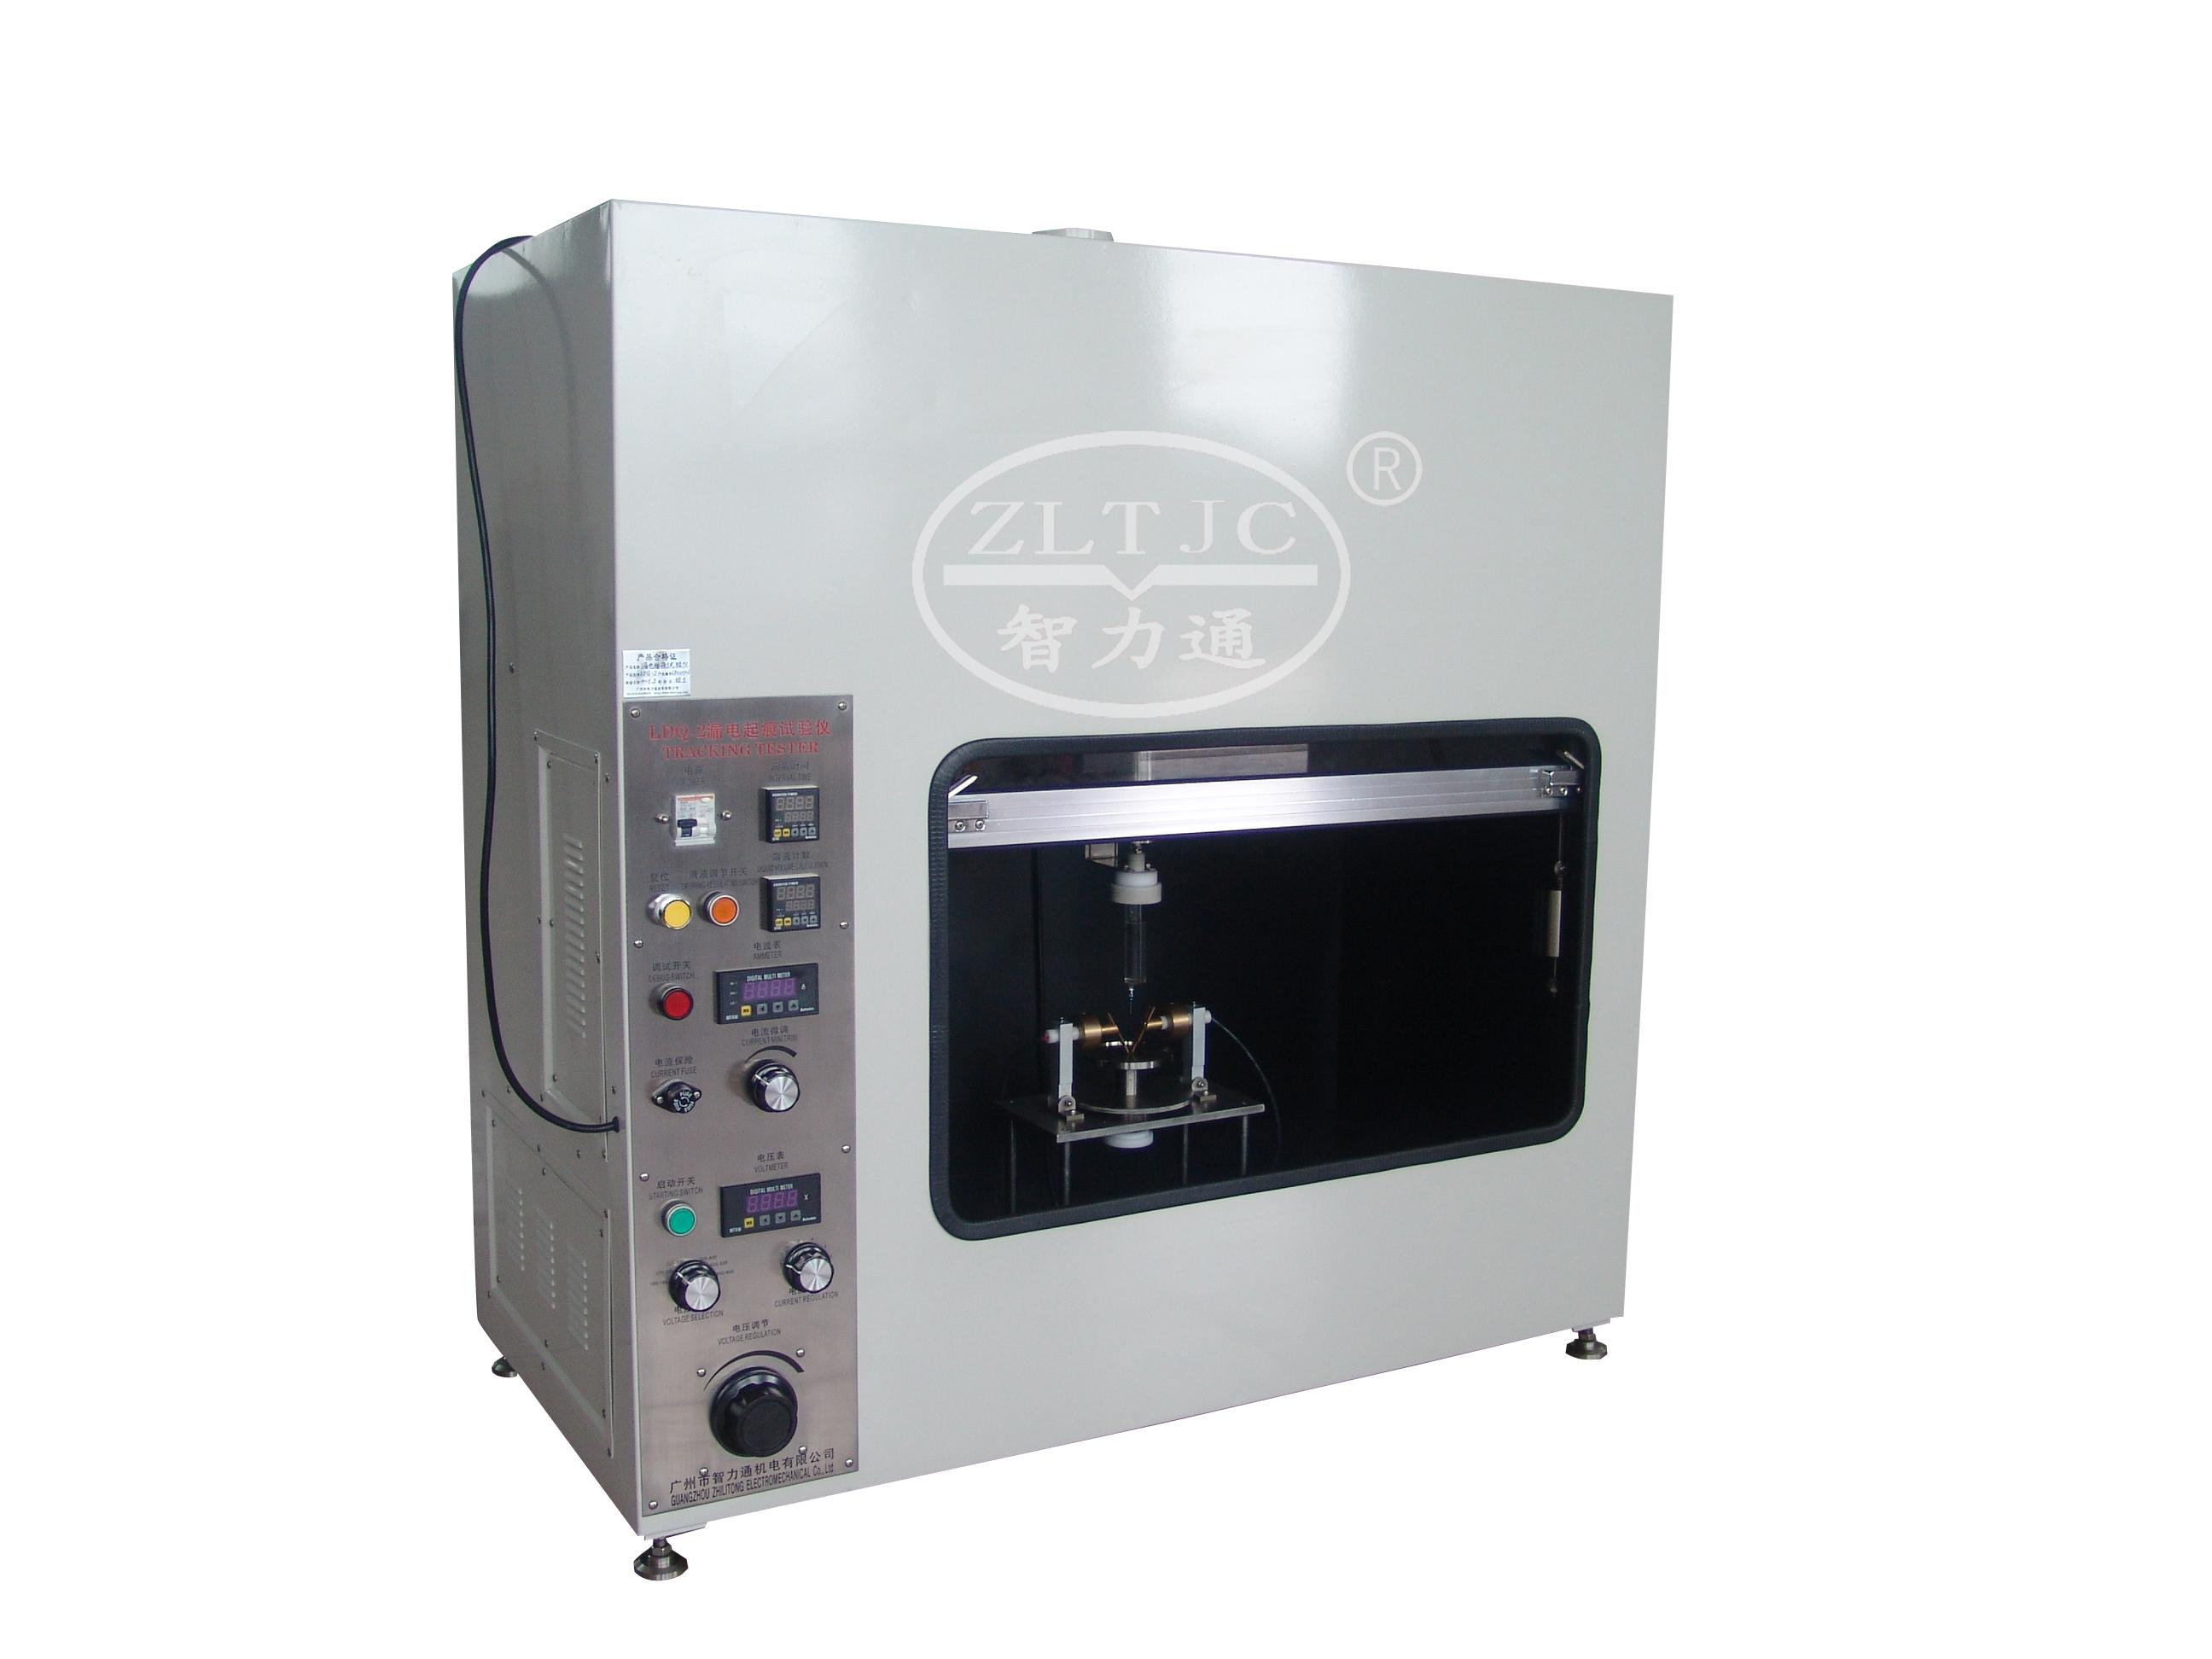 我司成功售予深圳欧陆检测电子有限公司一批设备